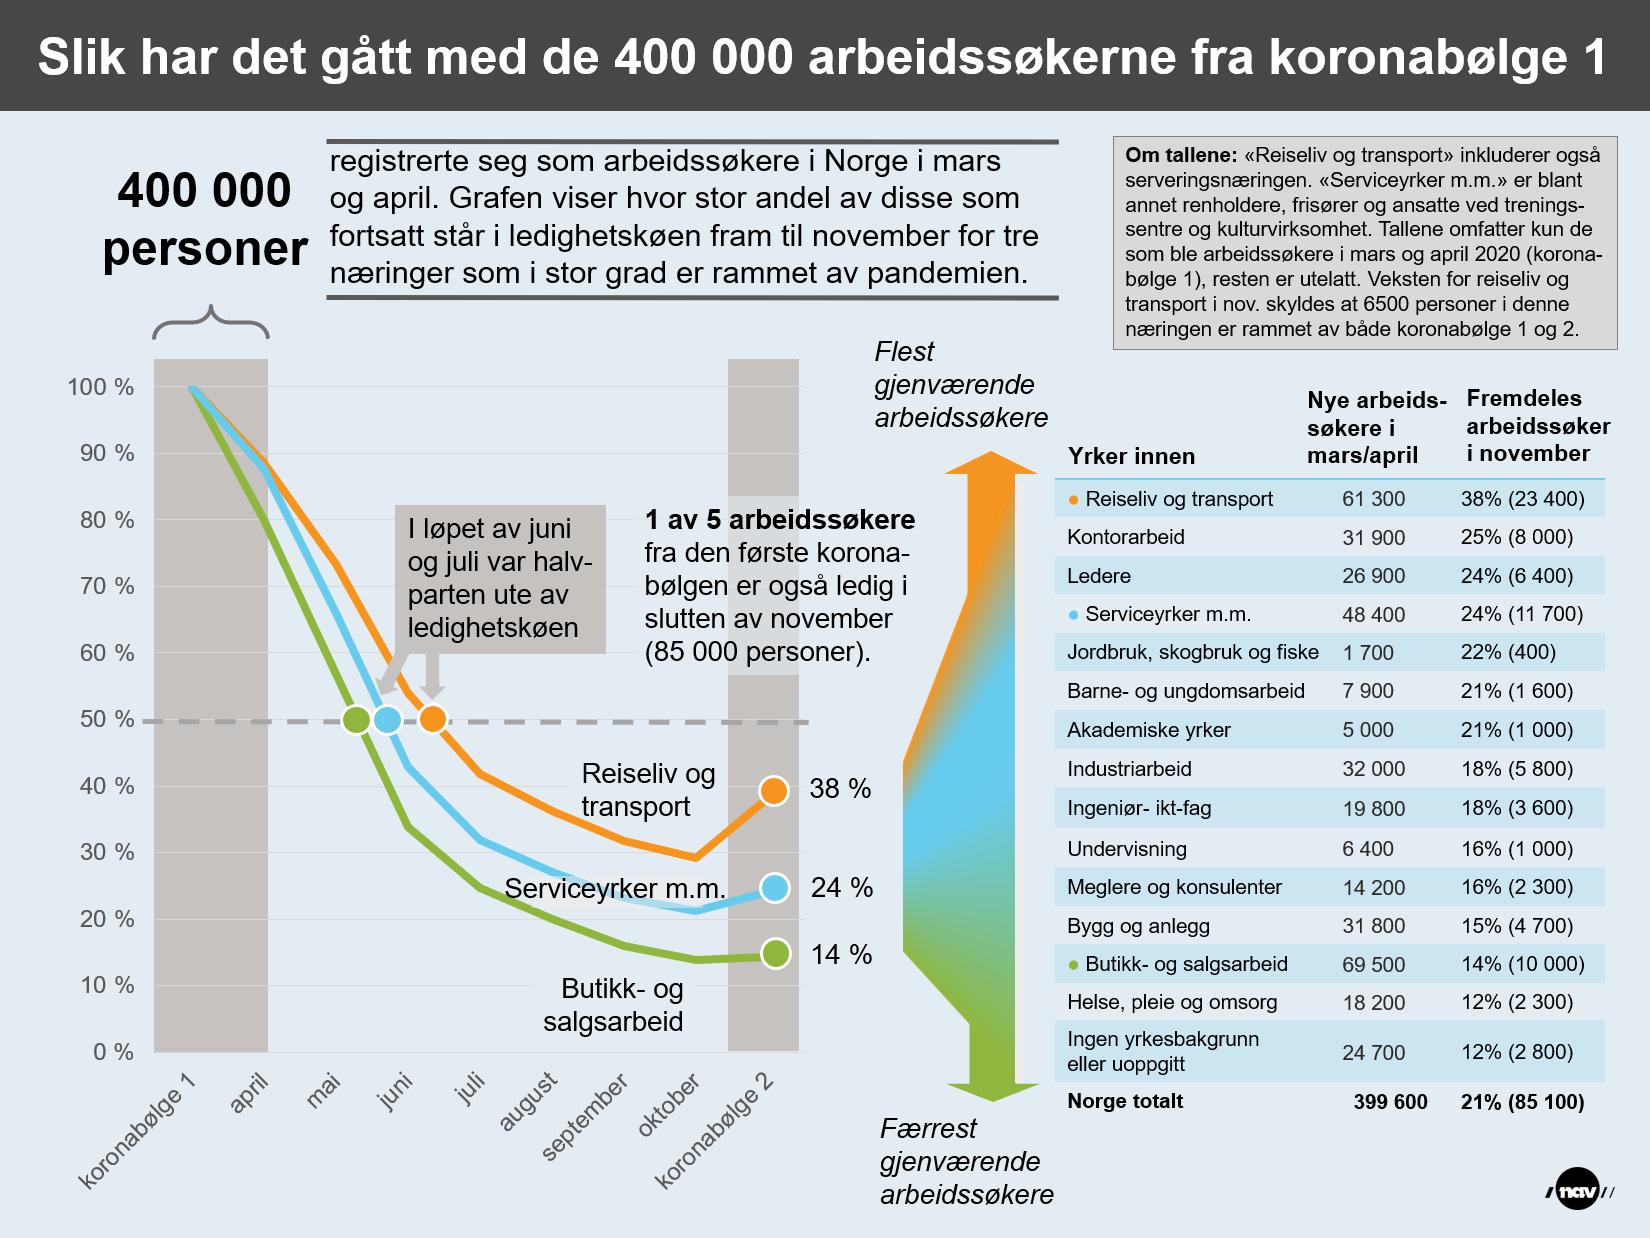 Infografikk som viser utviklingen i arbeidsledighet for de 400 000 arbeidssøkerne fra koronabølge 1